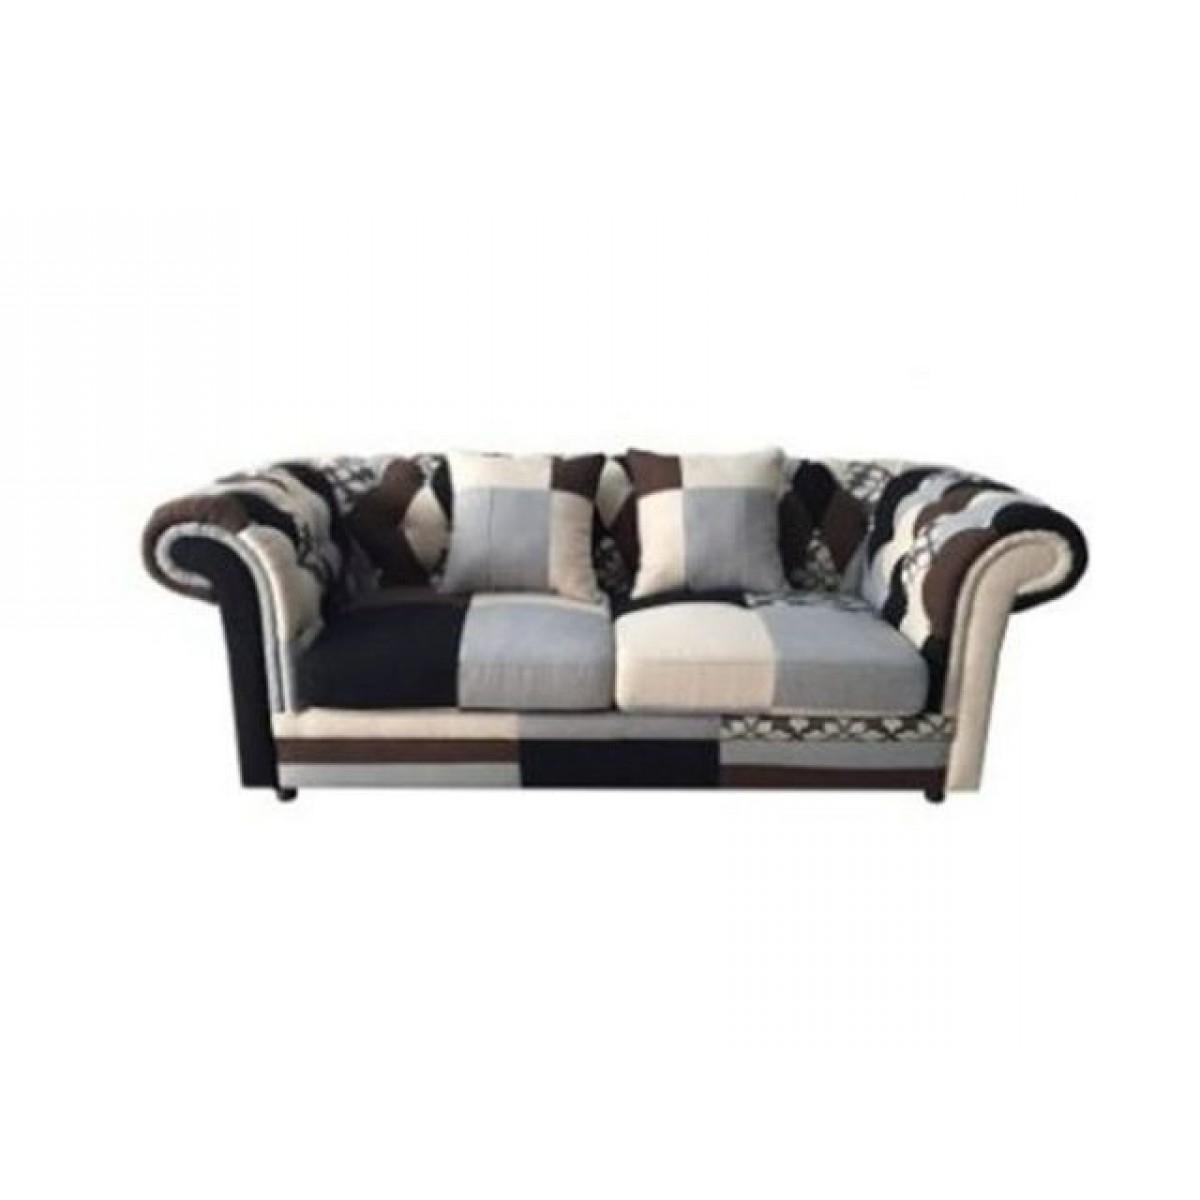 Euromueble sofas Irdz Mi sofÃ